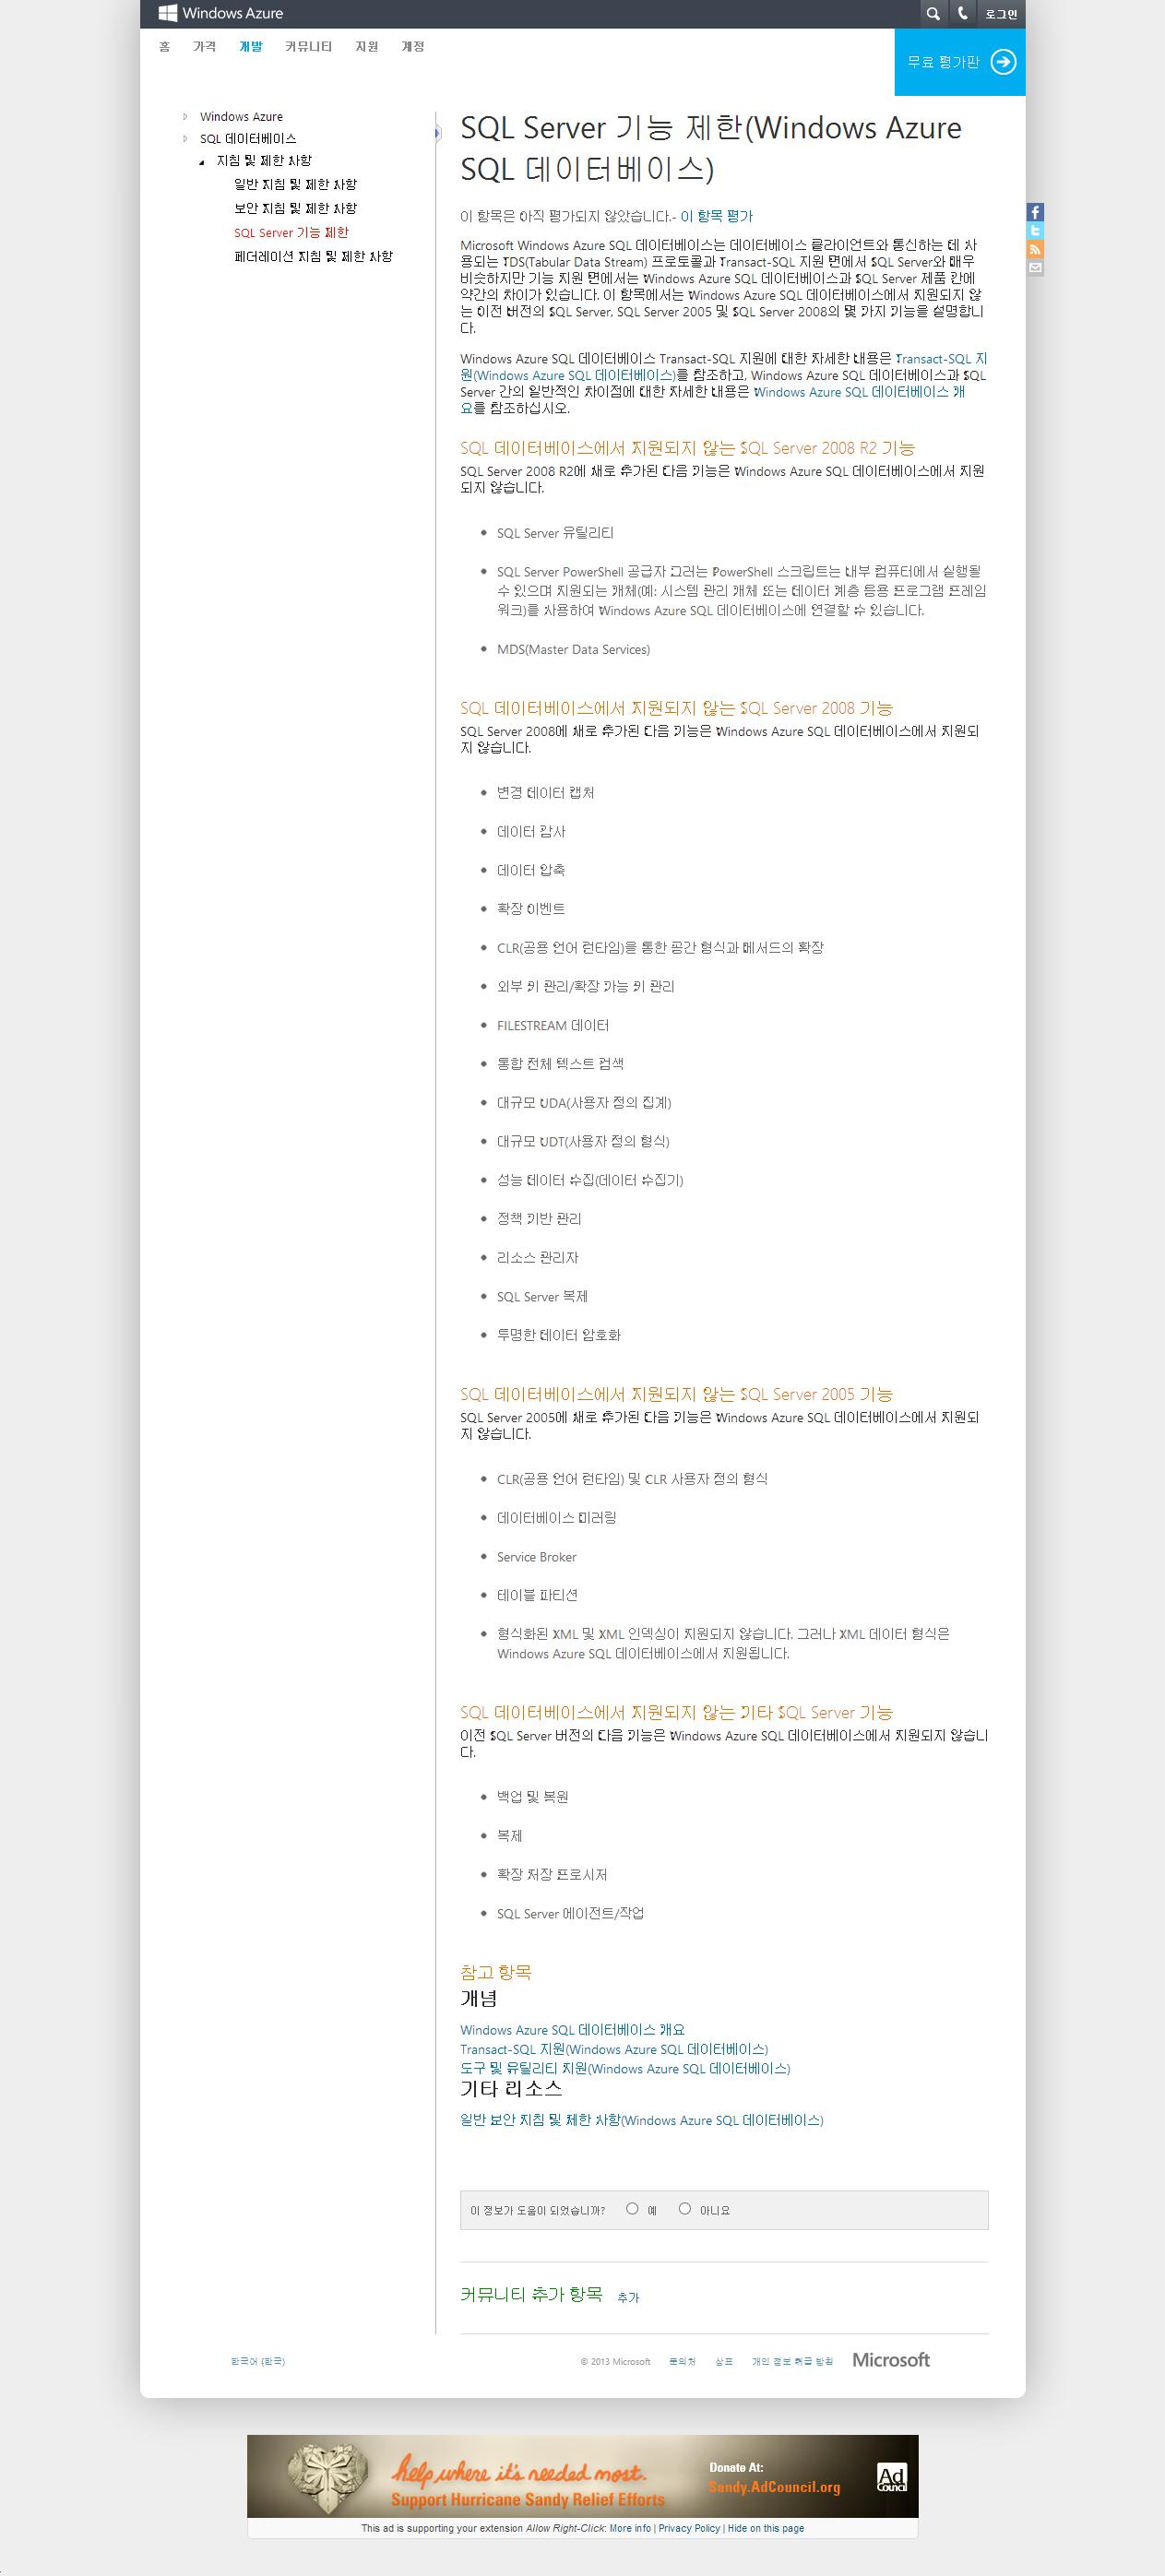 Azure_Camp_6_008_SQL데이터베이스_1번선택_SQL데이터베이스디자인_06_SQLAzureLimitations.png